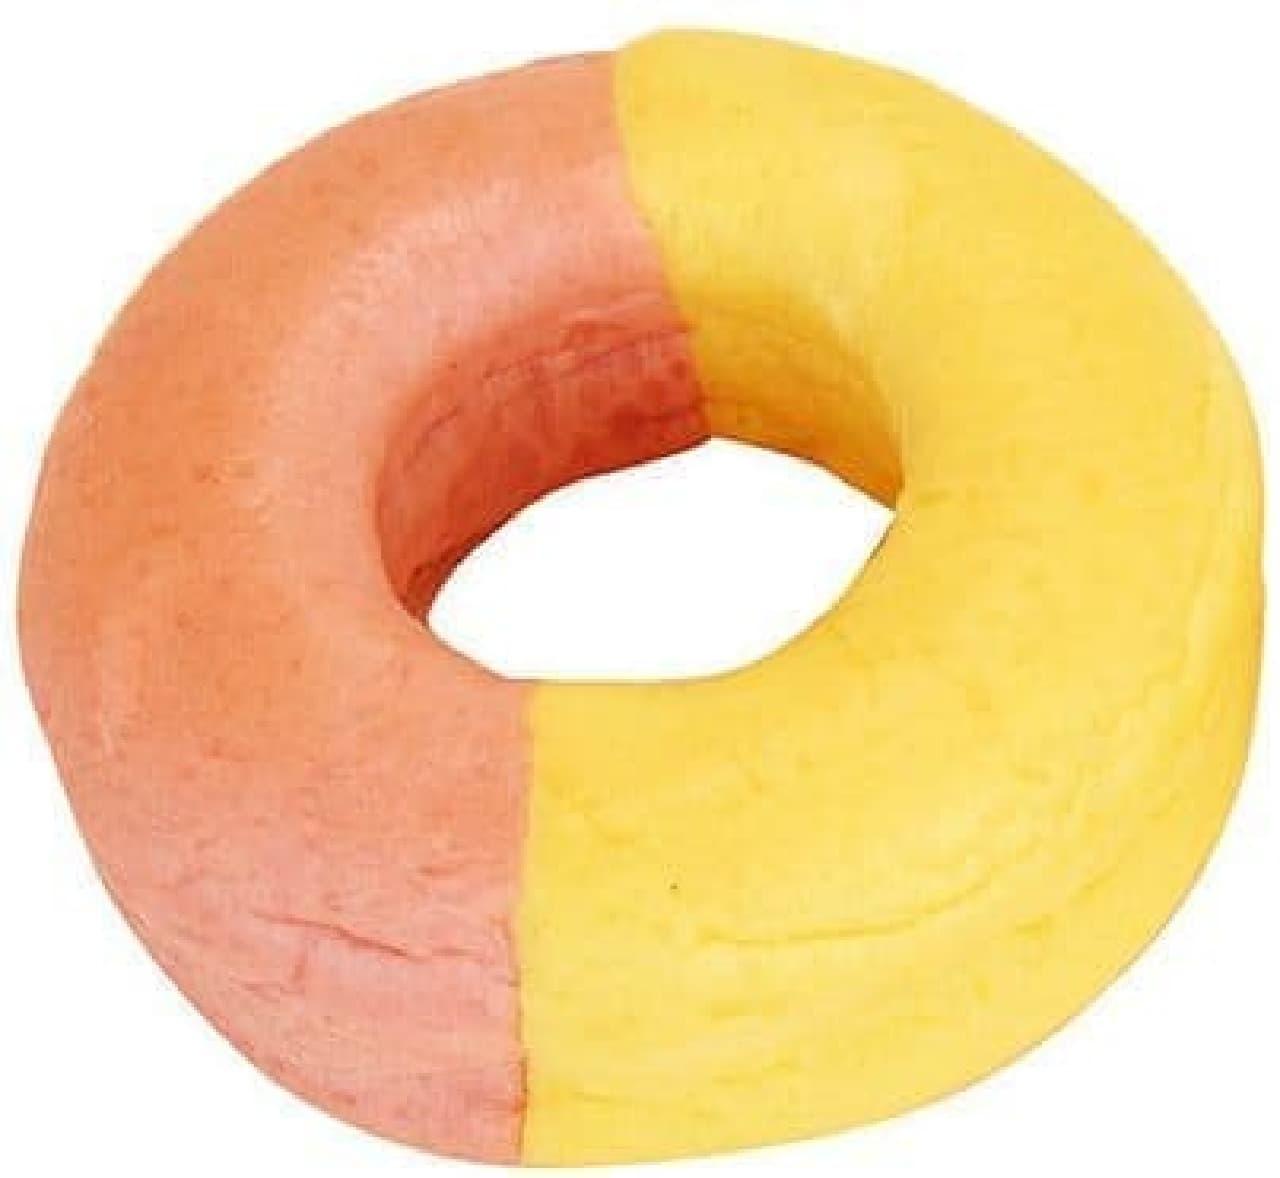 ファミリーマート「いちごとカスタードのリングパン」